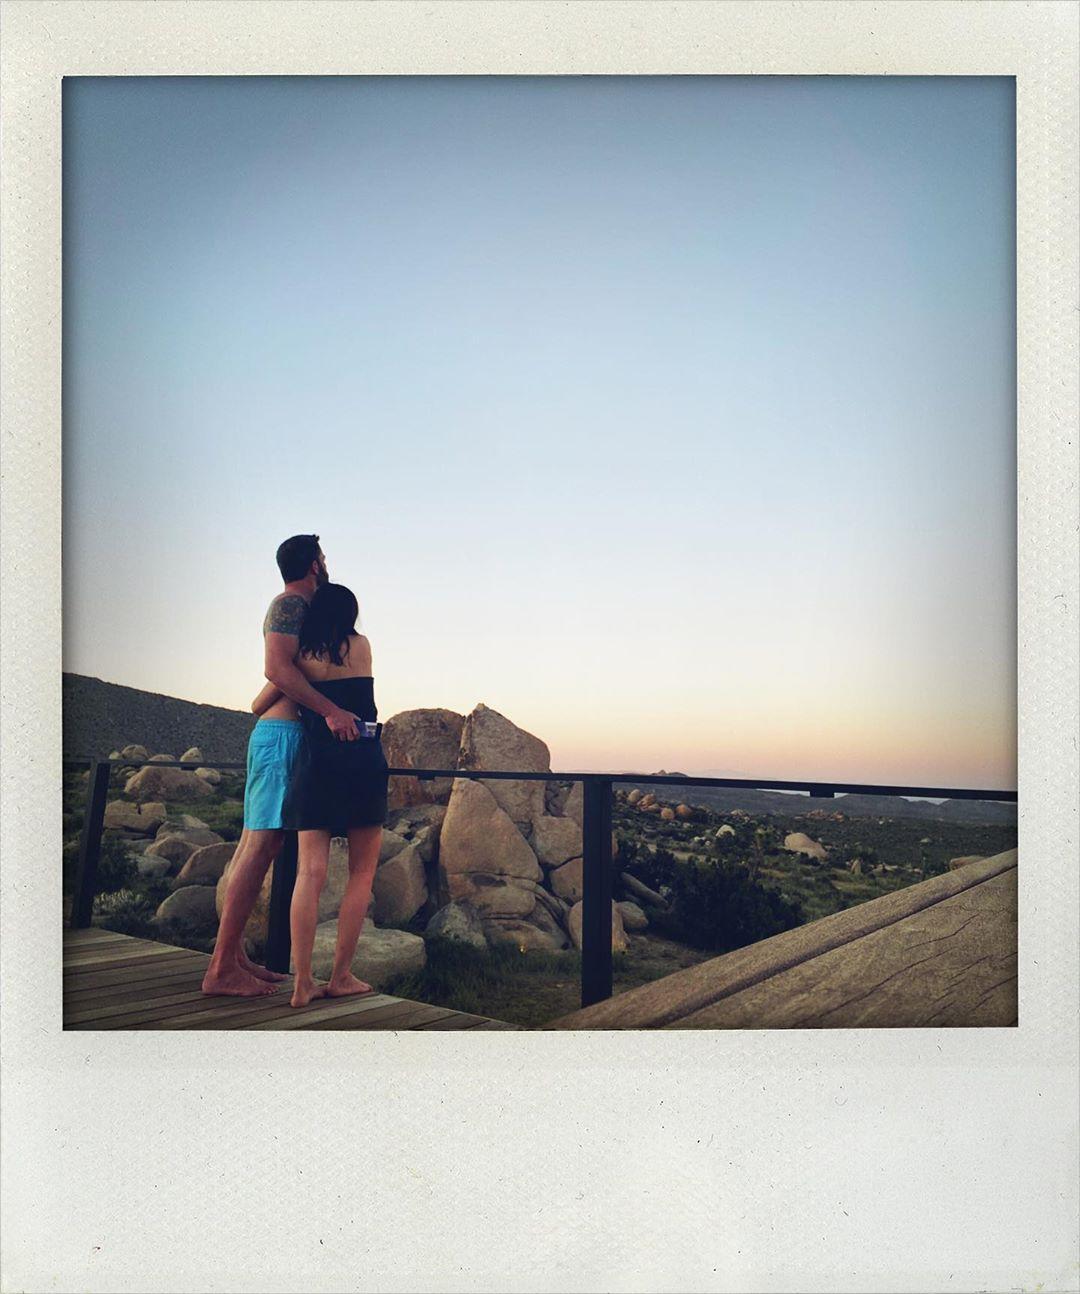 Ben Affleck and Ana de Armas Are Instagram Official!